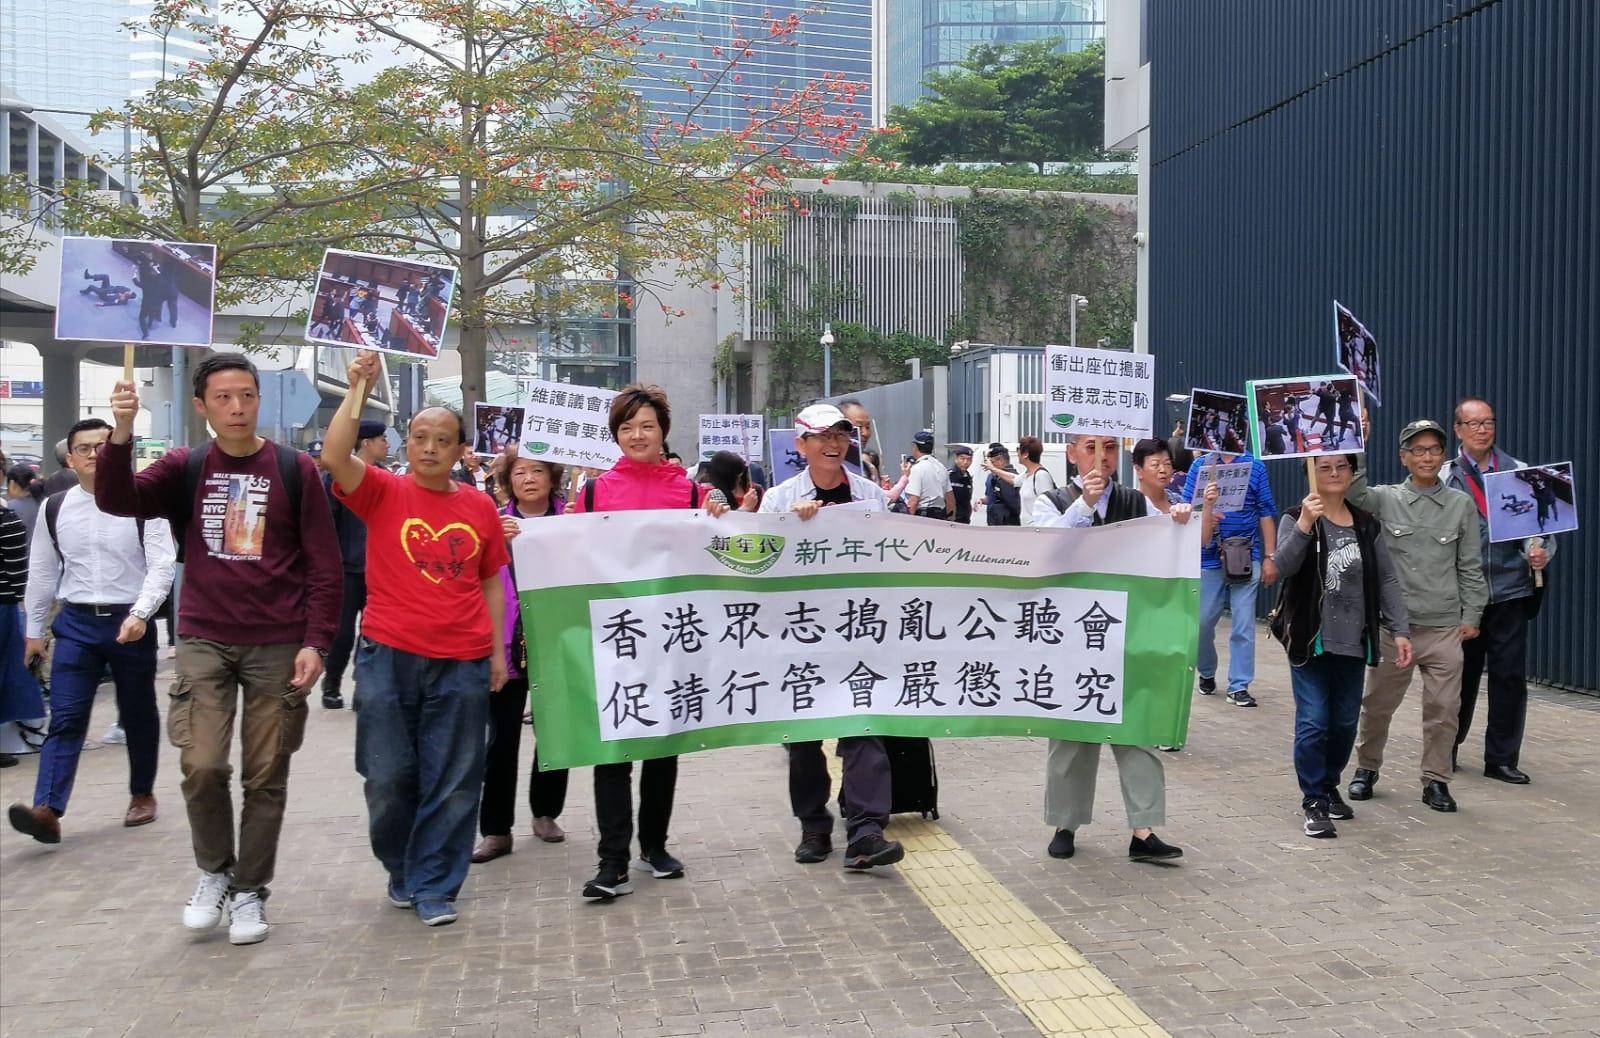 「新年代」主辦嚴懲香港眾志搗亂公聽會」遊行集會